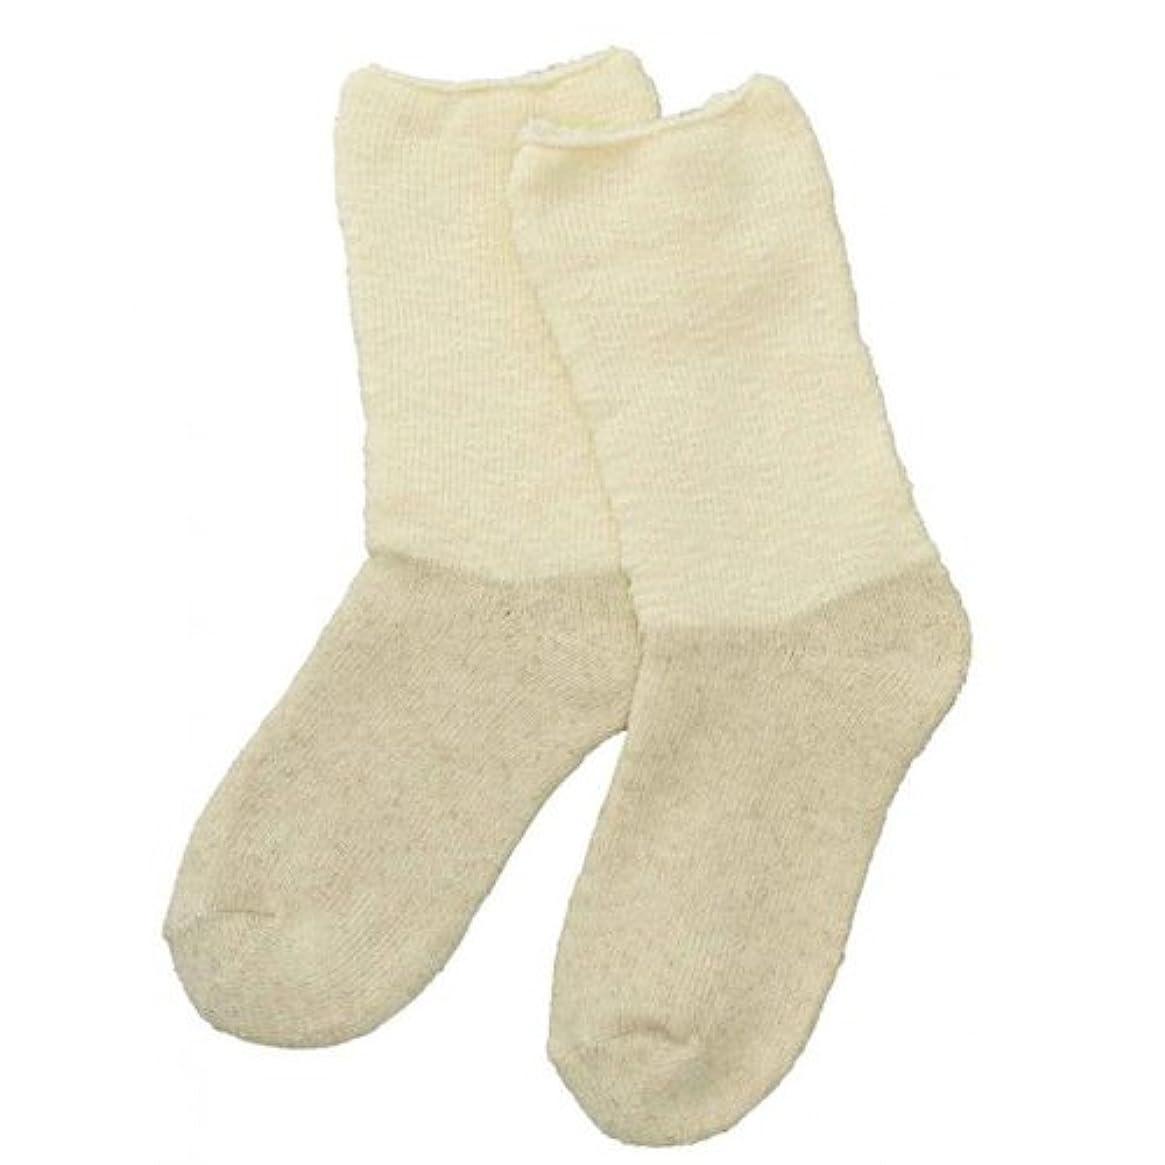 低い口頭下線Carelance(ケアランス)お風呂上りのやさしい靴下 綿麻パイルで足先さわやか 8706CA-31 クリーム